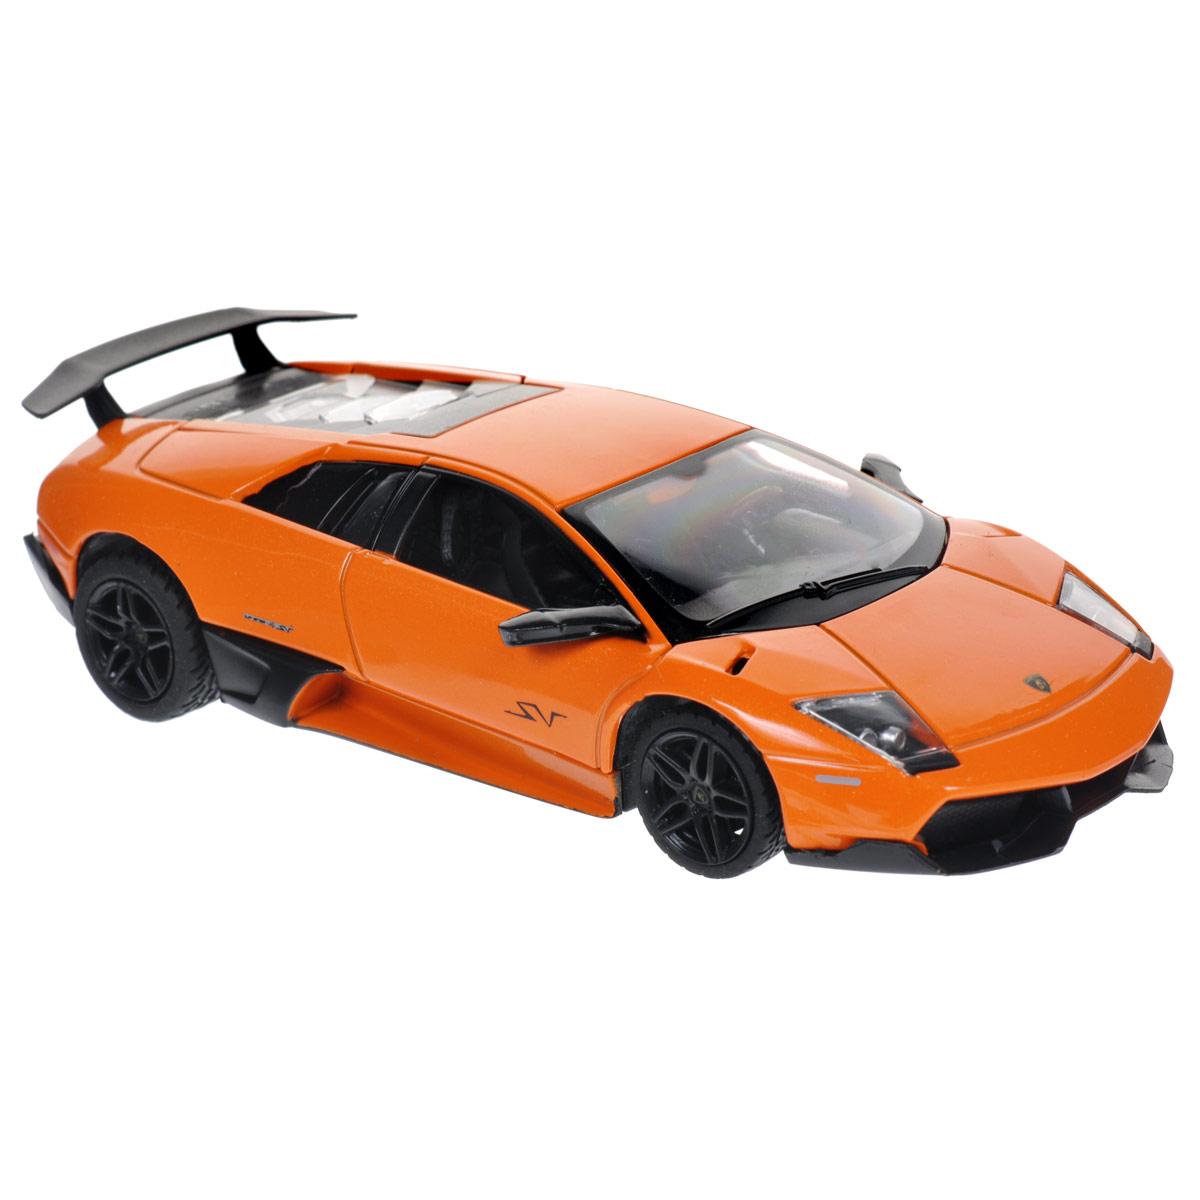 Rastar Модель автомобиля Lamborghini Murcielago LP670-4 цвет оранжевый39400Коллекционная модель Rastar Lamborghini Murcielago LP670-4 привлечет внимание вашего ребенка и не позволит ему скучать, ведь так интересно и захватывающе покатать свою машину или устроить гонку с другом. Машинка является точной уменьшенной копией настоящего автомобиля. Модель выполнена из металла с использованием пластика и оснащена прорезиненными колесами, обеспечивающими хорошее сцепление с любой поверхностью пола. Поставляется в фирменной картонной коробке с прозрачным пластиковым окошком. Ваш ребенок часами будет играть с машинкой, придумывая различные истории и устраивая соревнования. Порадуйте его таким замечательным подарком!